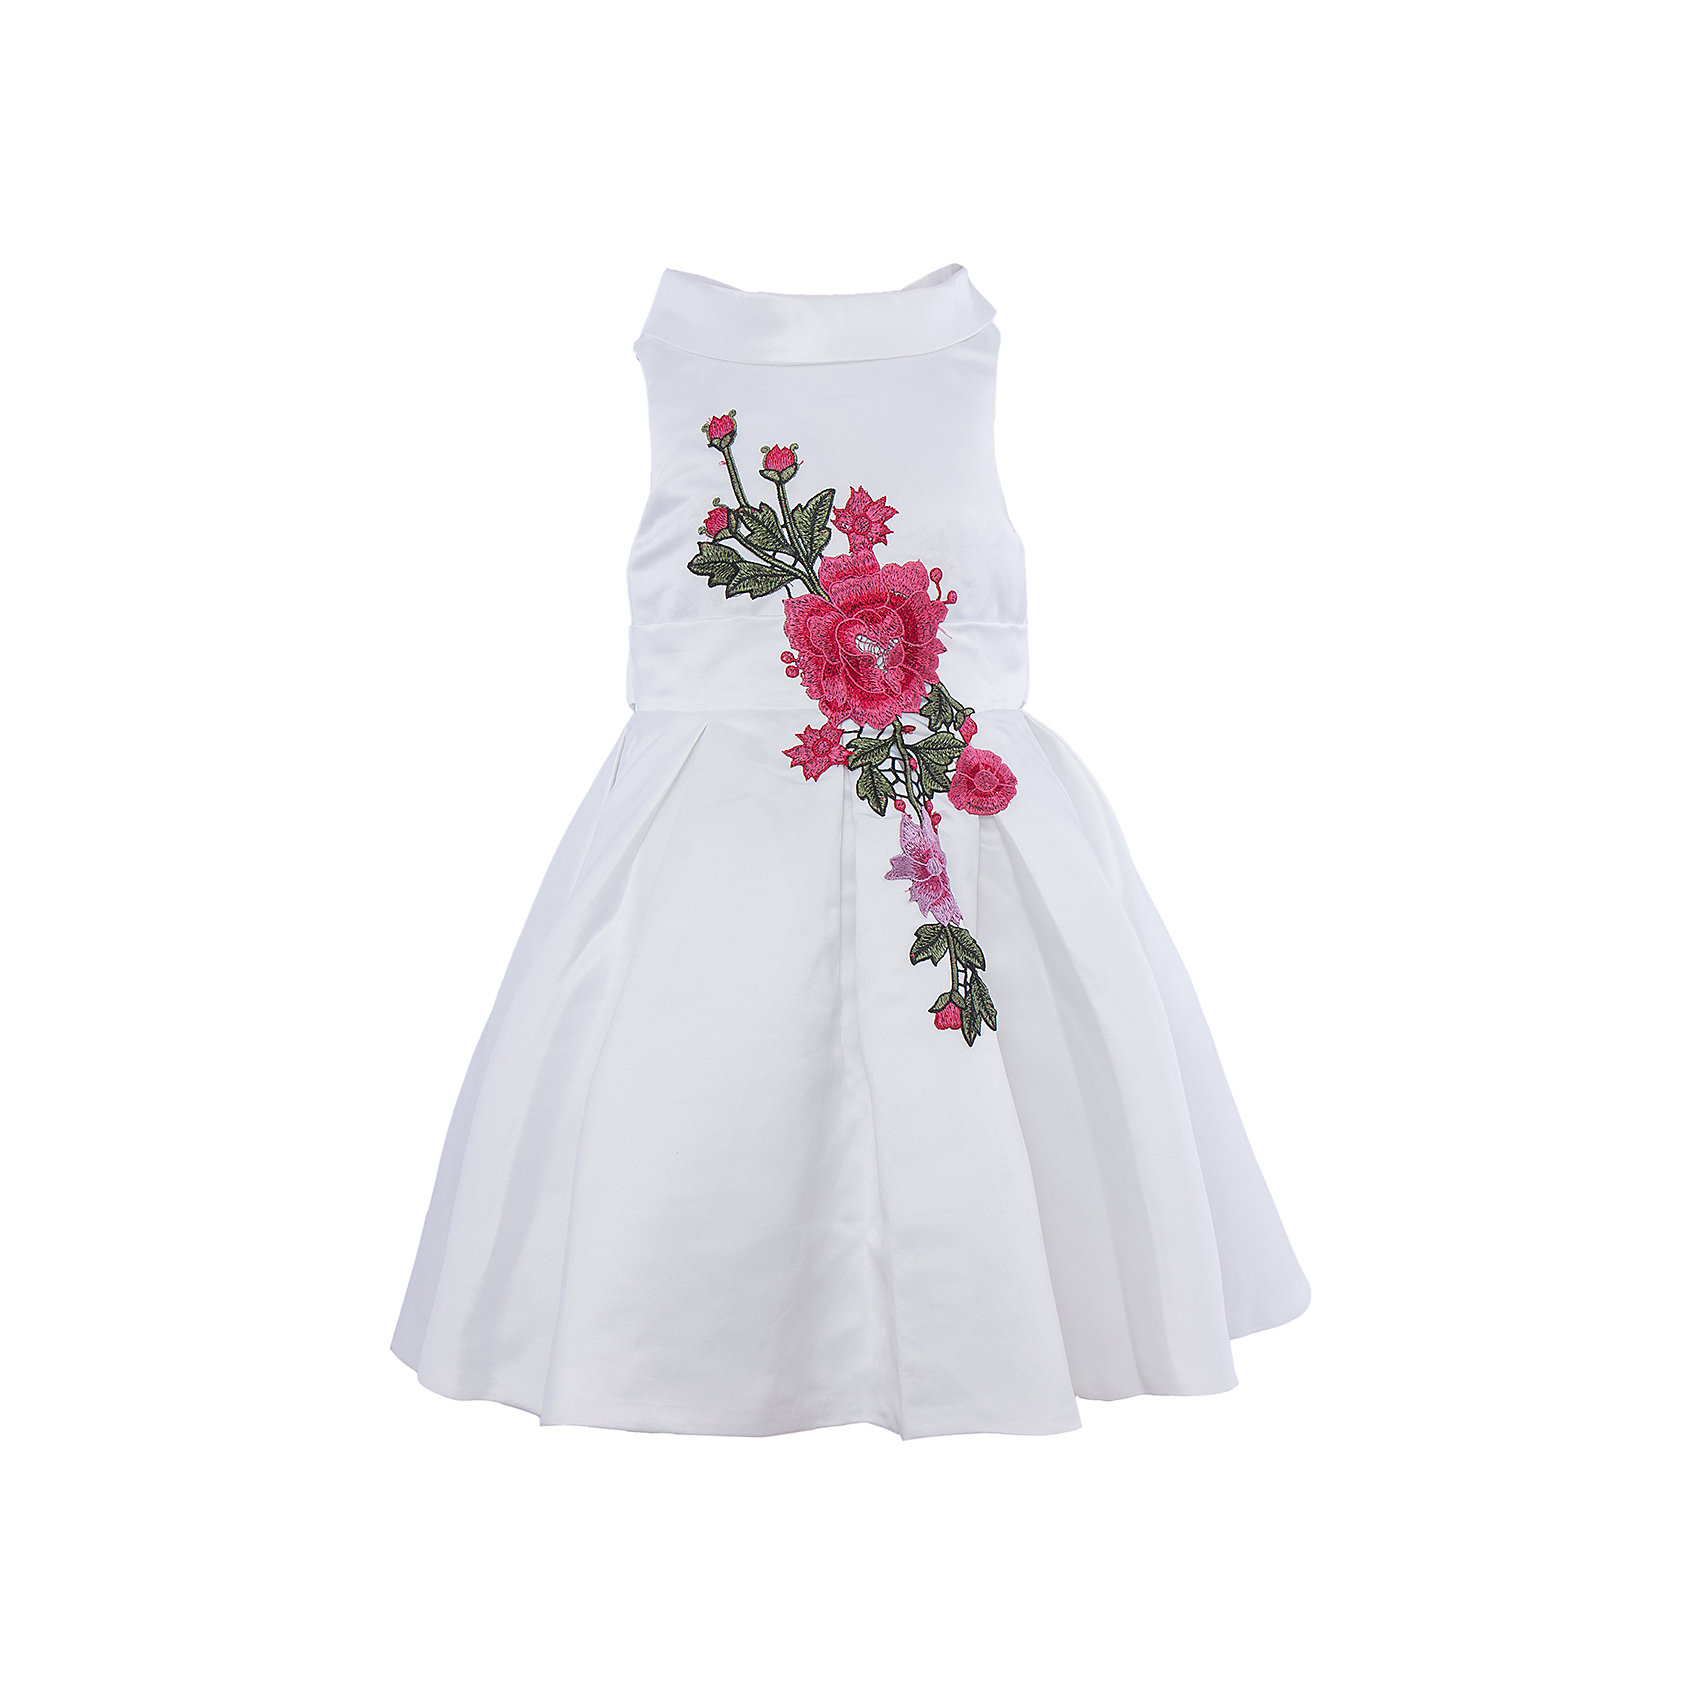 Нарядное платье для девочки Sweet BerryОдежда<br>Характеристики:<br><br>• Вид одежды: платье<br>• Предназначение: для праздника, торжеств<br>• Сезон: круглый год<br>• Материал: верх – 100% полиэстер; подкладка – 100% хлопок<br>• Цвет: белый<br>• Силуэт: классический А-силуэт<br>• Длина платья: миди<br>• Вырез горловины: круглый<br>• Воротник: хомут мягкий<br>• Наличие втачного пояса с декоративным бантом<br>• Застежка: молния на спинке<br>• Платье декорировано вышивкой<br>• Особенности ухода: ручная стирка без применения отбеливающих средств, глажение при низкой температуре <br><br>Sweet Berry – это производитель, который сочетает в своей одежде функциональность, качество, стиль и следование современным мировым тенденциям в детской текстильной индустрии. <br>Платье для девочки от знаменитого производителя детской одежды Sweet Berry выполнено из полиэстера с хлопковой подкладкой. Изделие имеет классический силуэт с отрезной талией и пышной юбкой. Пышность юбке придает подъюбник из сетки. Изделие выполнено из атласной ткани белого цвета с воротником в форме мягкого хомута. Кокетка и юбка декорированы разноцветной вышивкой в форме крупных цветков. У платья имеется втачной пояс, который завязывается сзади на бант. Праздничное платье от Sweet Berry – это залог успеха вашего ребенка на любом торжестве!<br><br>Платье для девочки Sweet Berry можно купить в нашем интернет-магазине.<br><br>Ширина мм: 236<br>Глубина мм: 16<br>Высота мм: 184<br>Вес г: 177<br>Цвет: белый<br>Возраст от месяцев: 24<br>Возраст до месяцев: 36<br>Пол: Женский<br>Возраст: Детский<br>Размер: 98,104,128,122,116,110<br>SKU: 5052112